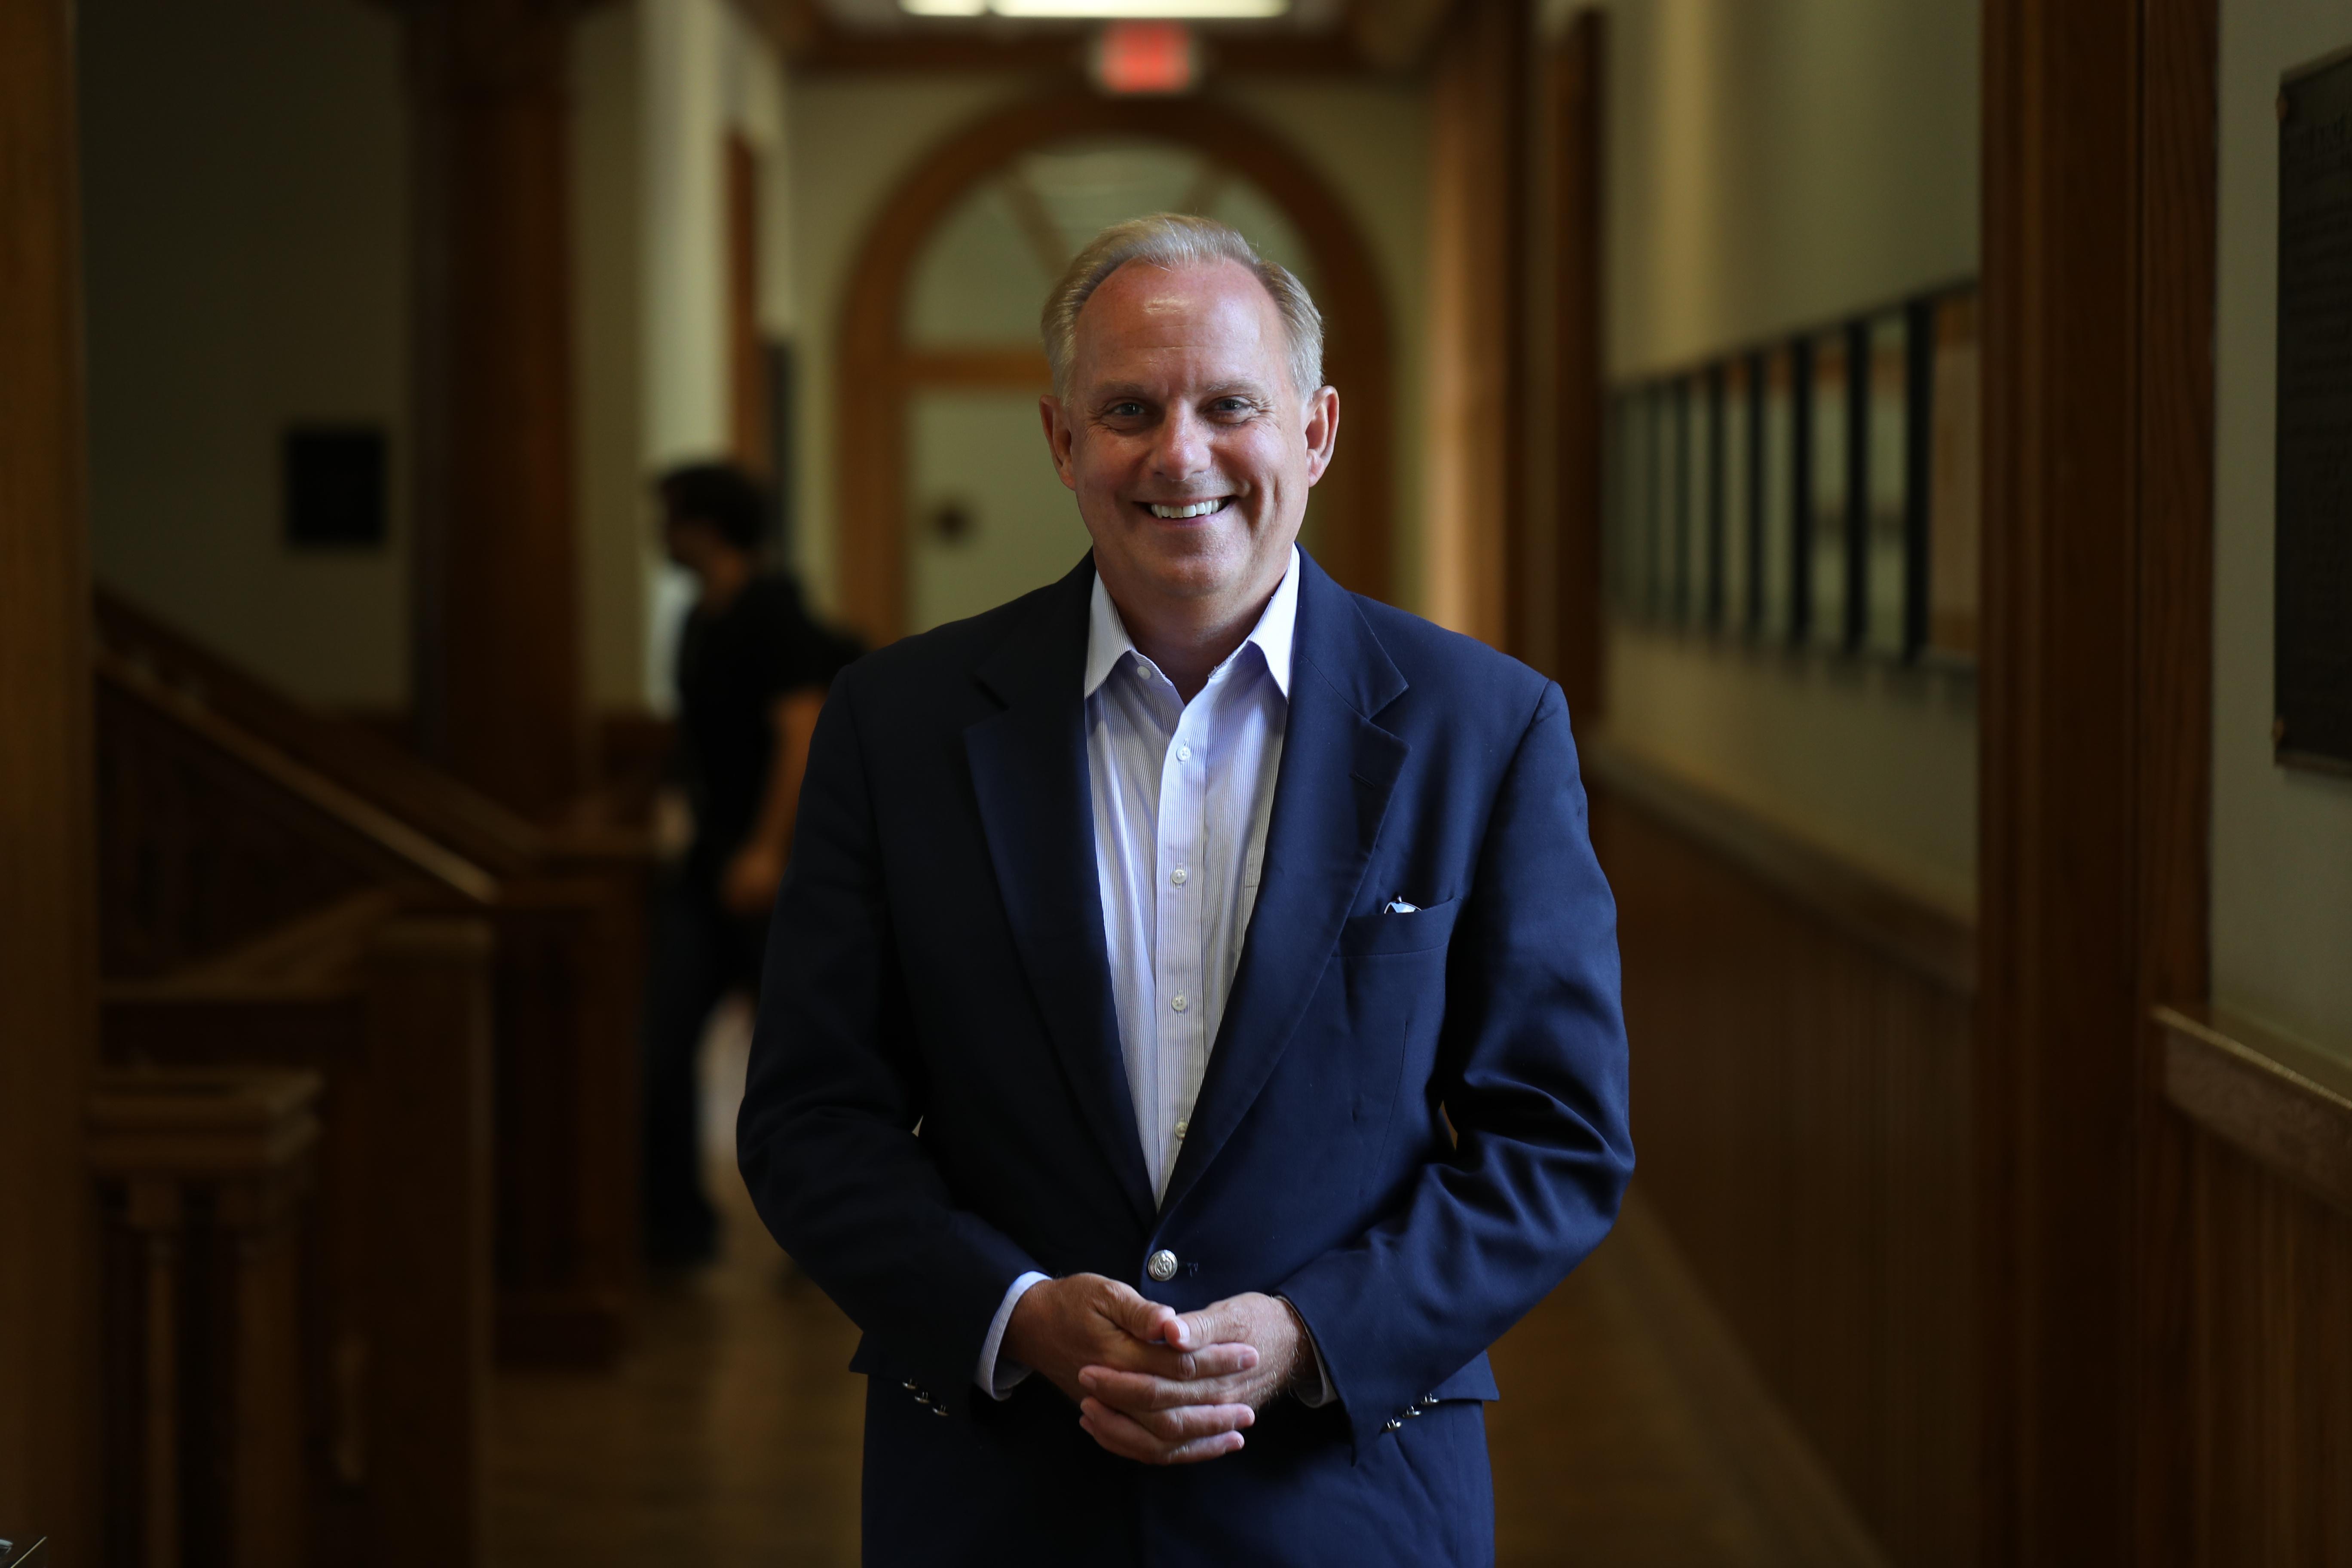 Dr. Greg Garrett